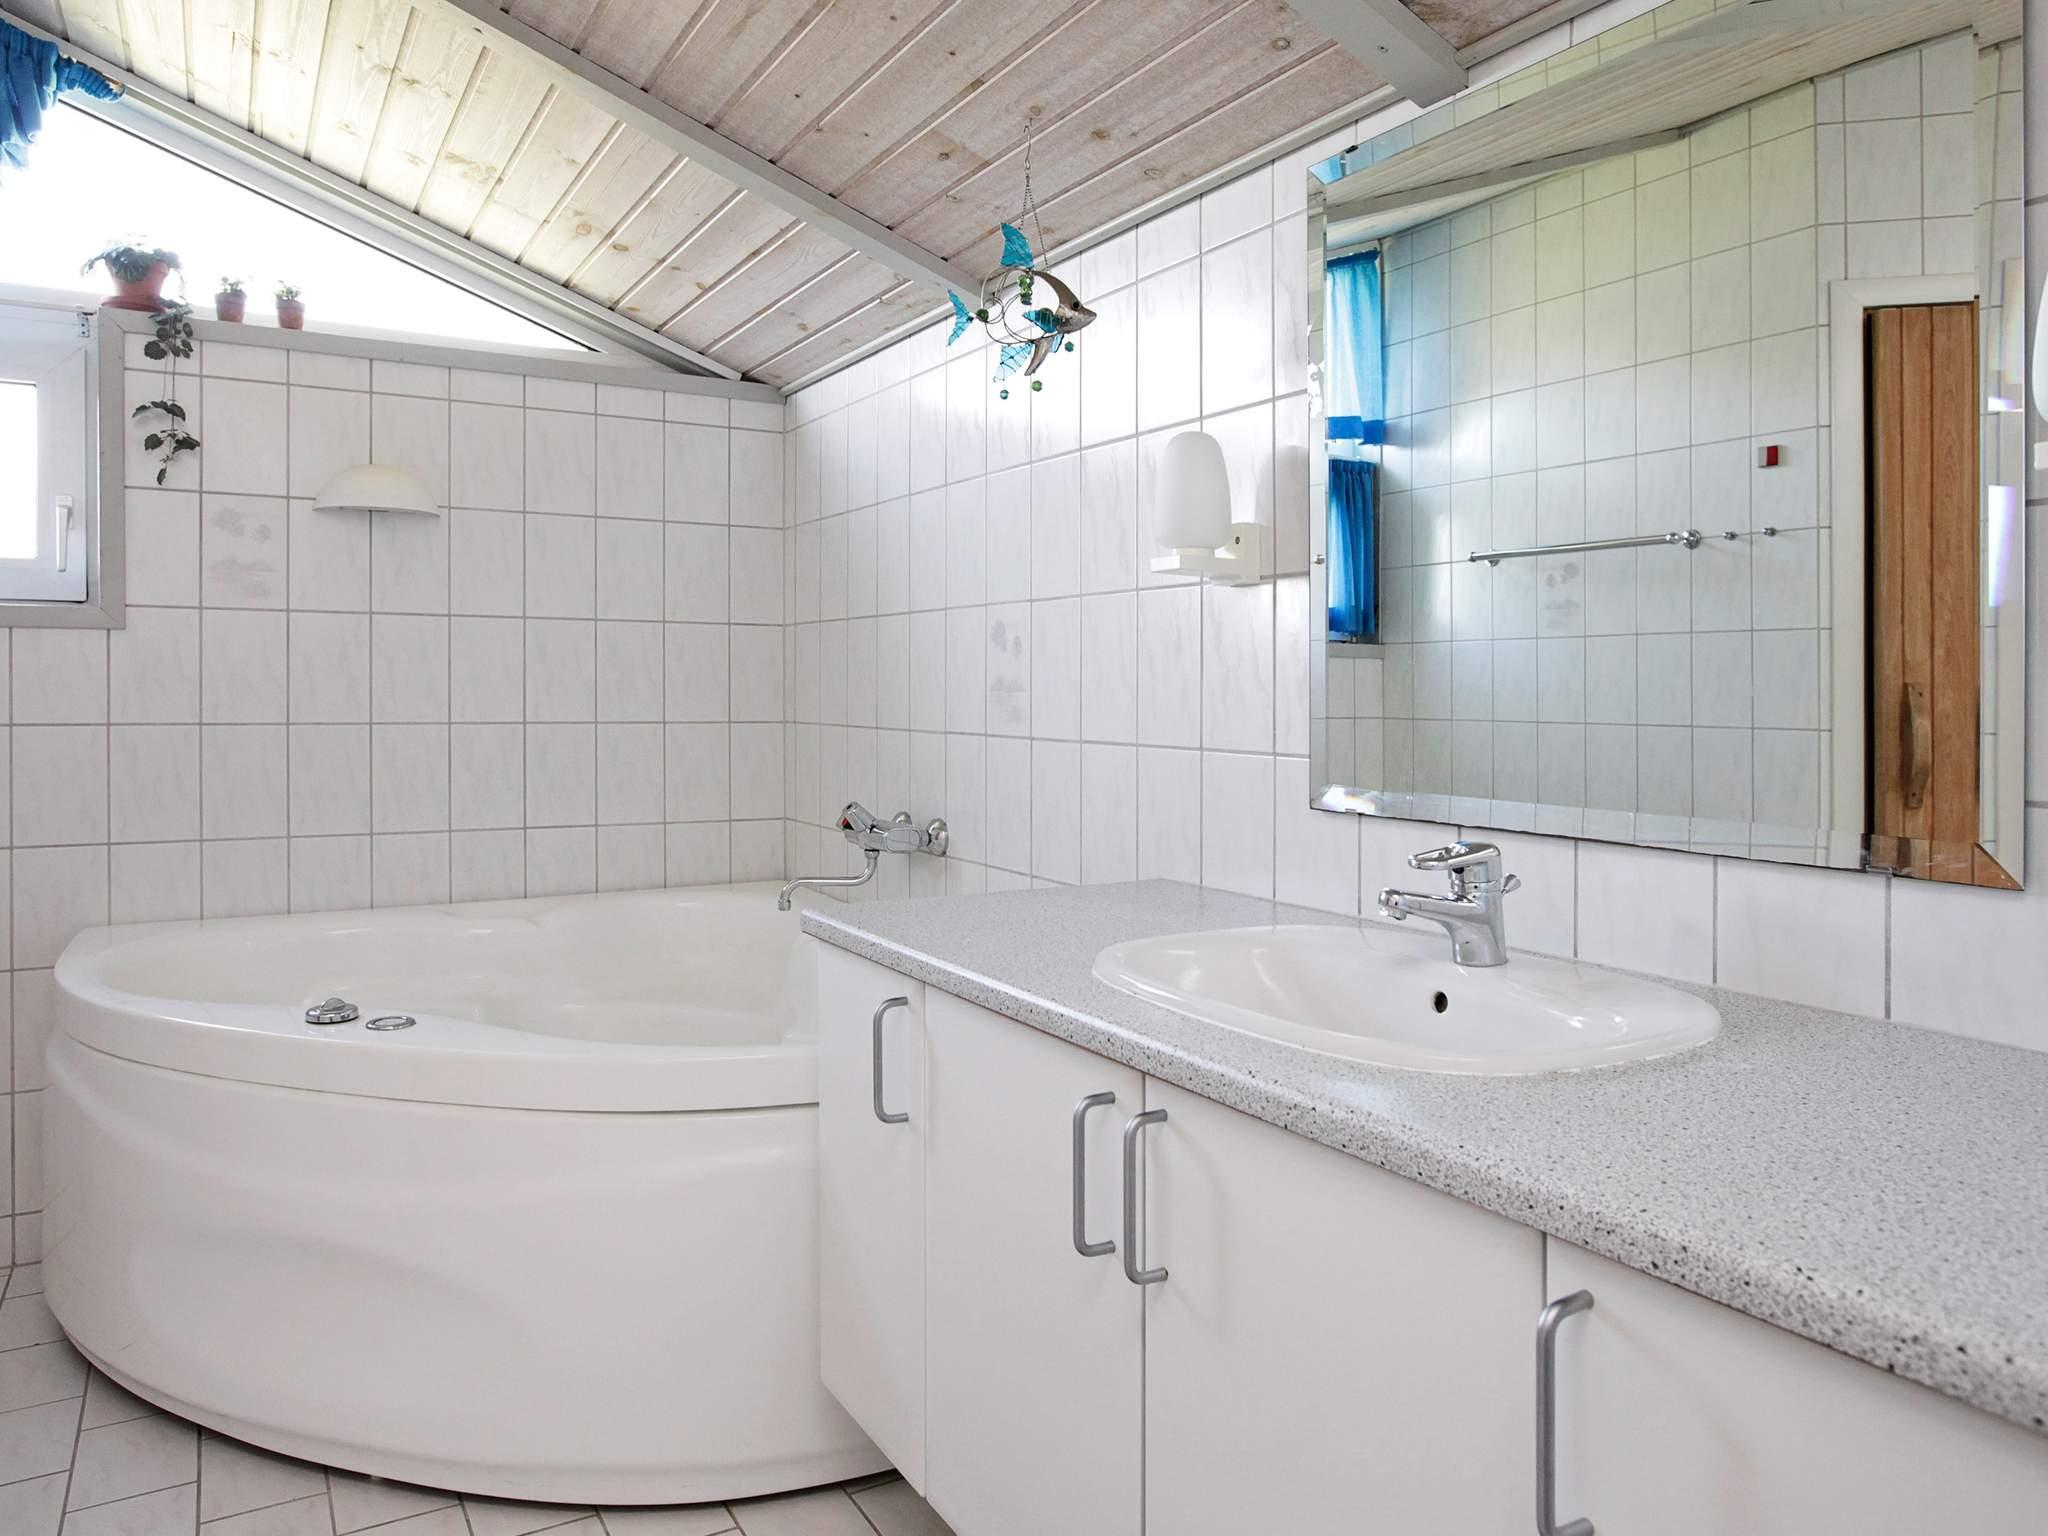 Ferienhaus Bjerregård (93525), Bjerregård, , Westjütland, Dänemark, Bild 12